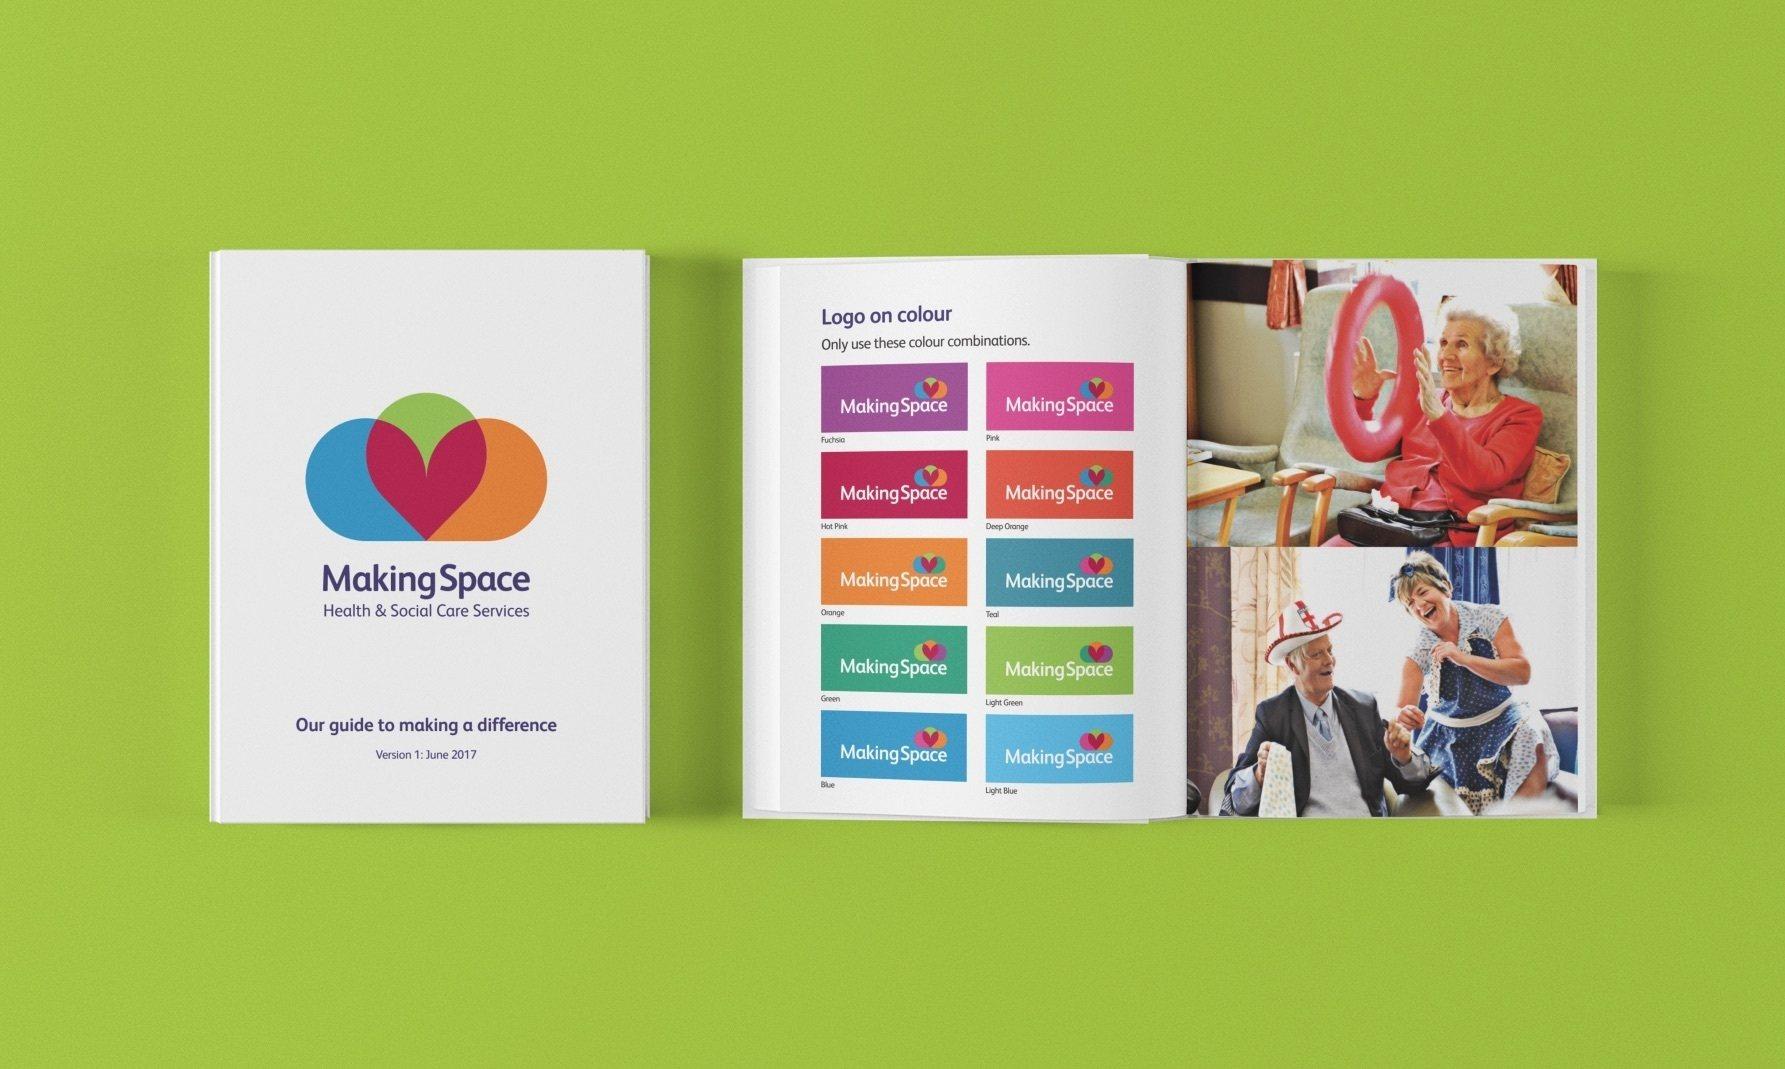 Littlebrandbook